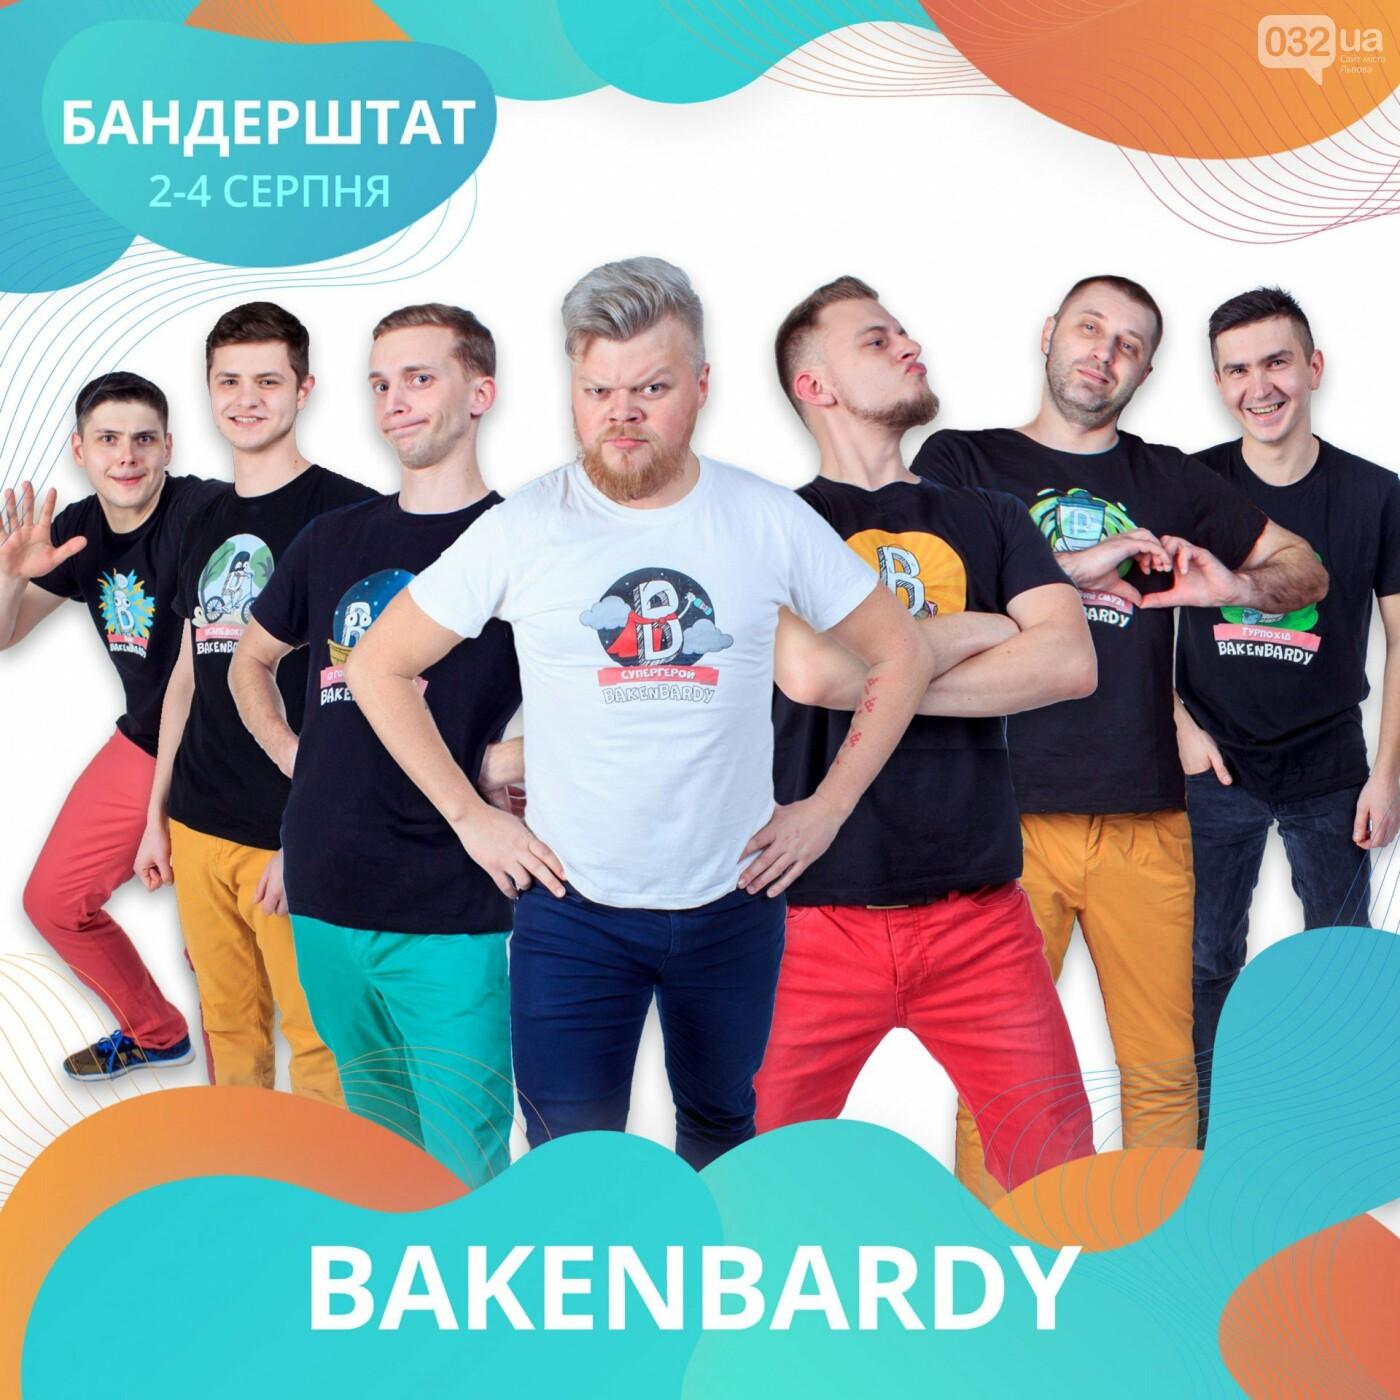 Зі Львова на Бандерштат: як добратись та програма фестивалю, фото-36